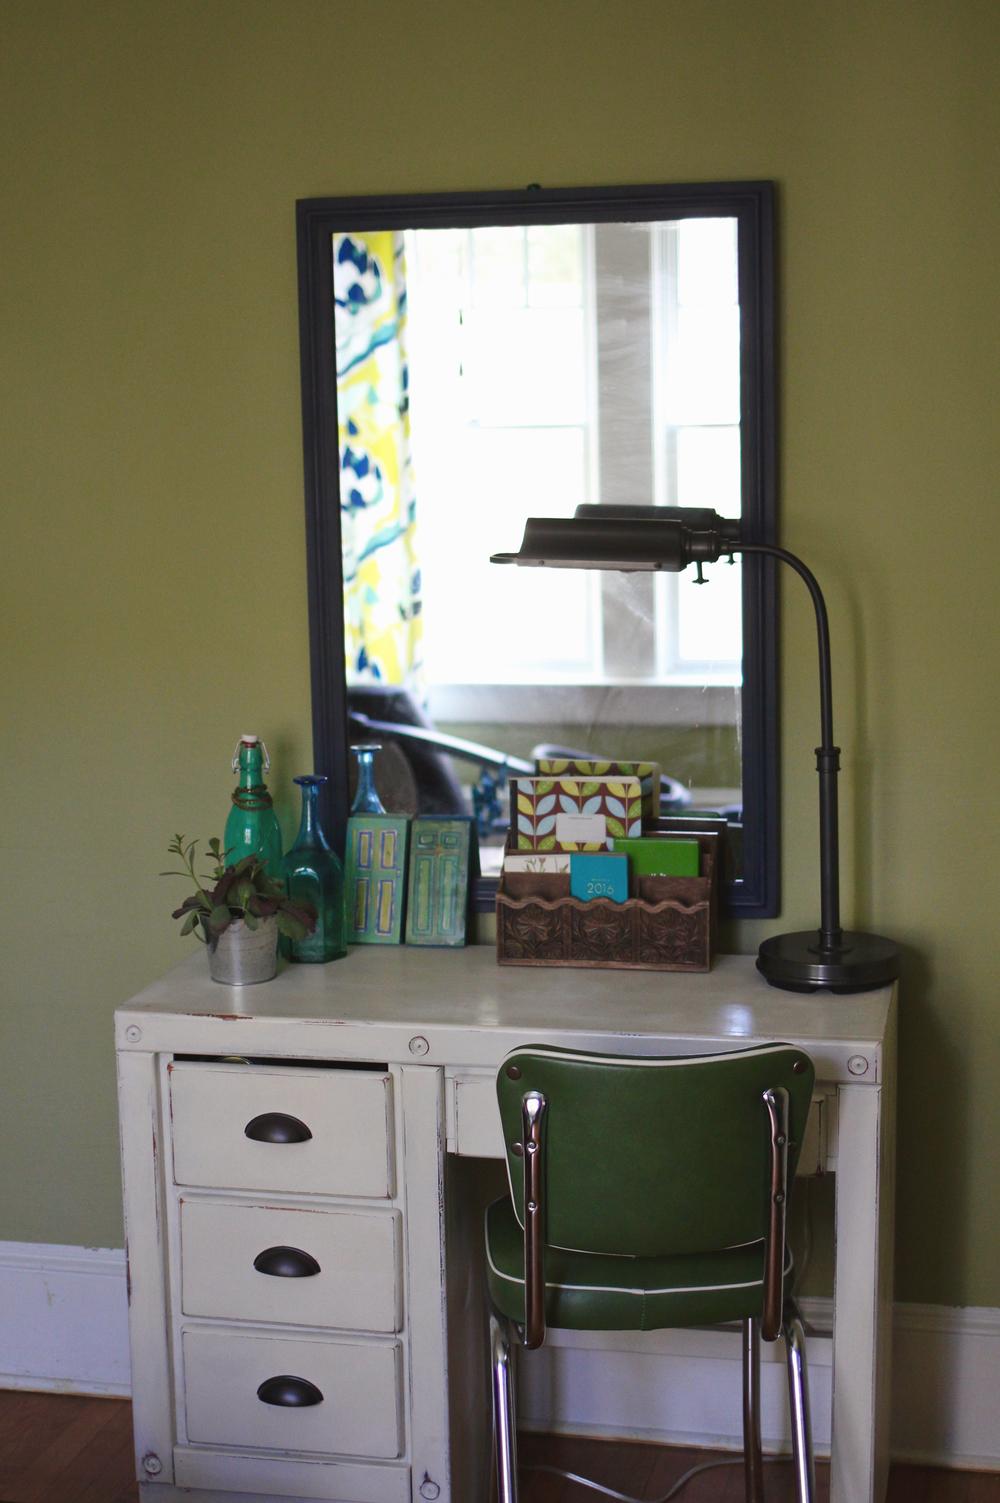 jo-torrijos-a-simpler-design-atlanta-interior-design-den-living-room-6.jpg